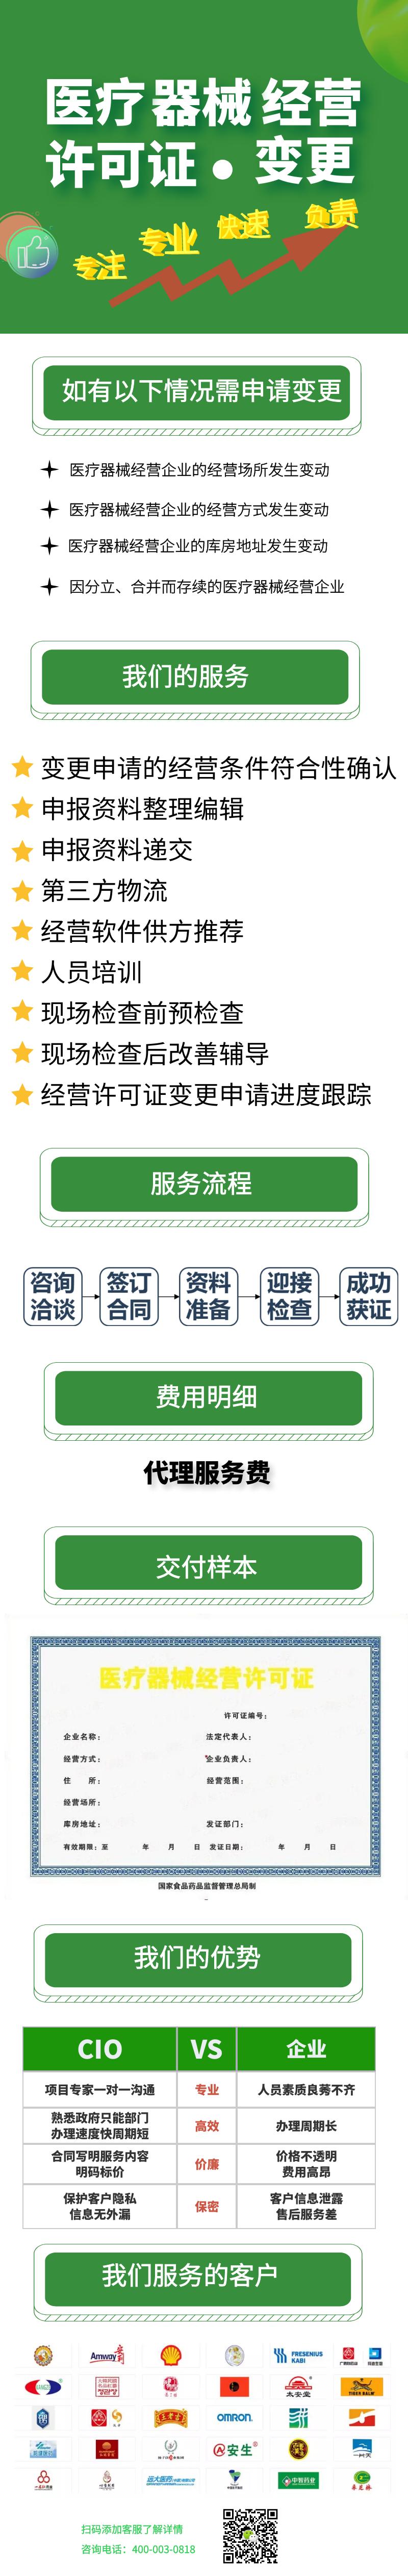 医疗器械经营许可证变更_4.7.png